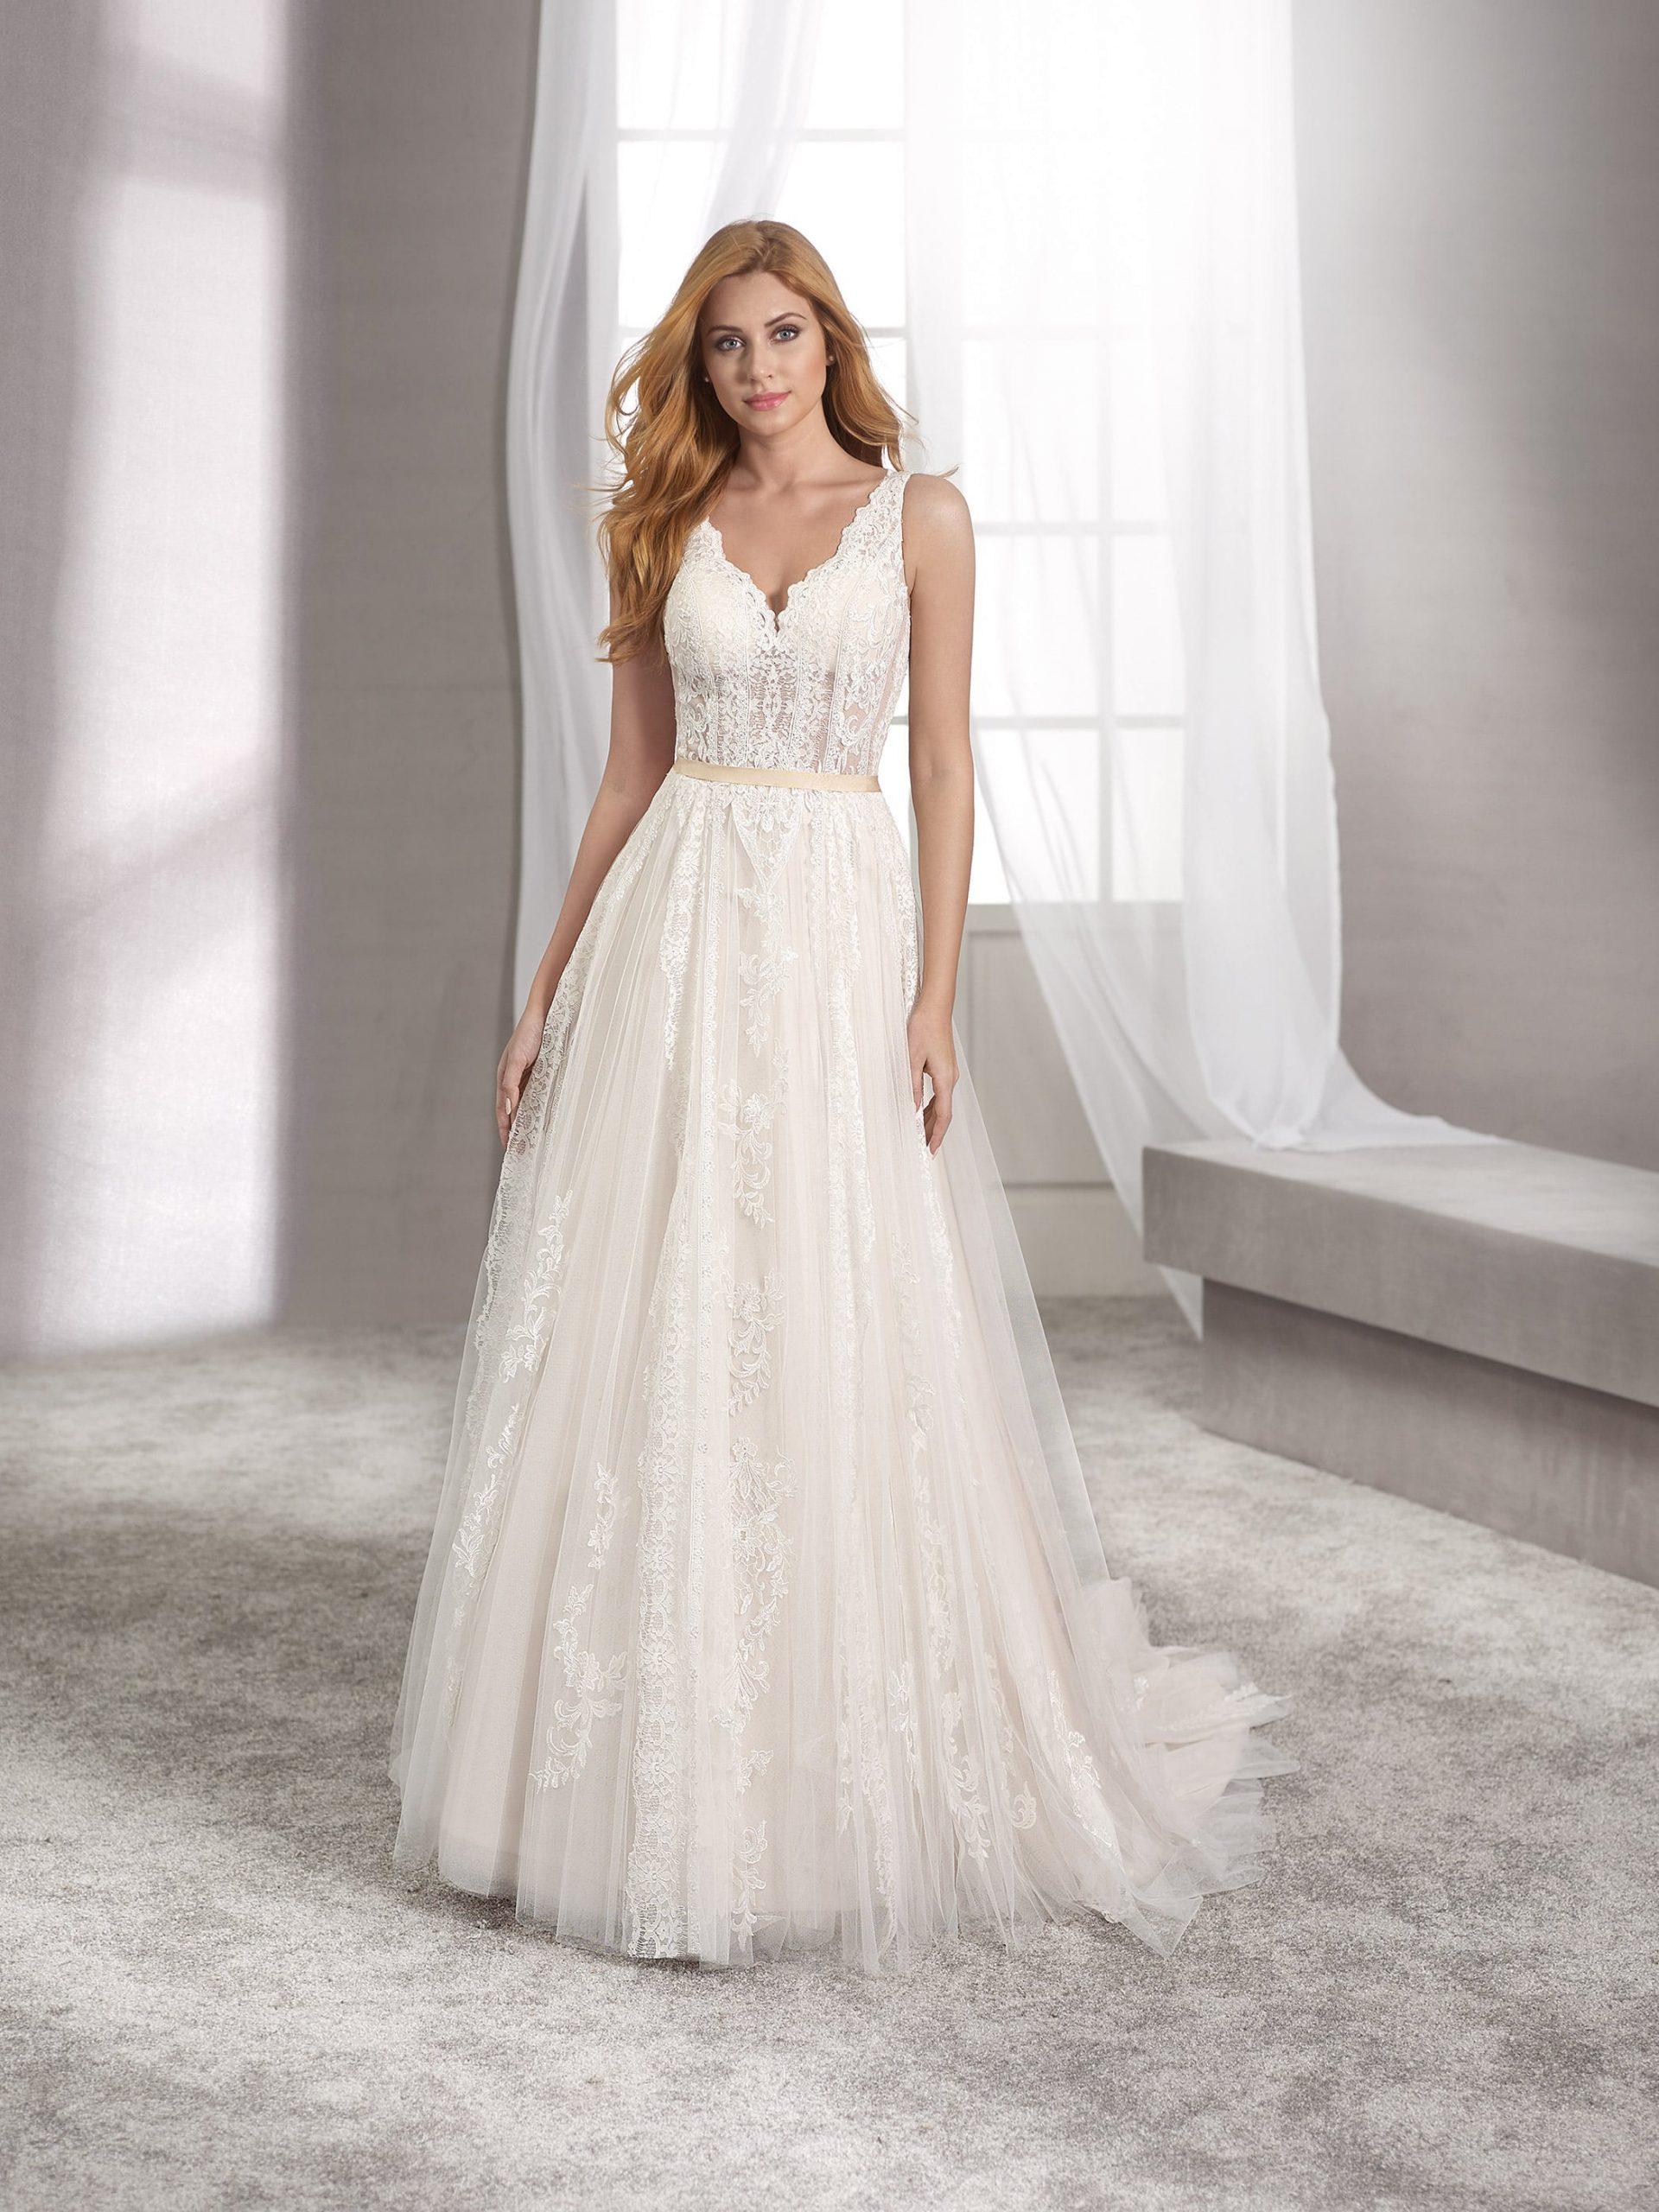 Fara Sposa Hochzeitskleider Brautkleid Hochzeitskleid